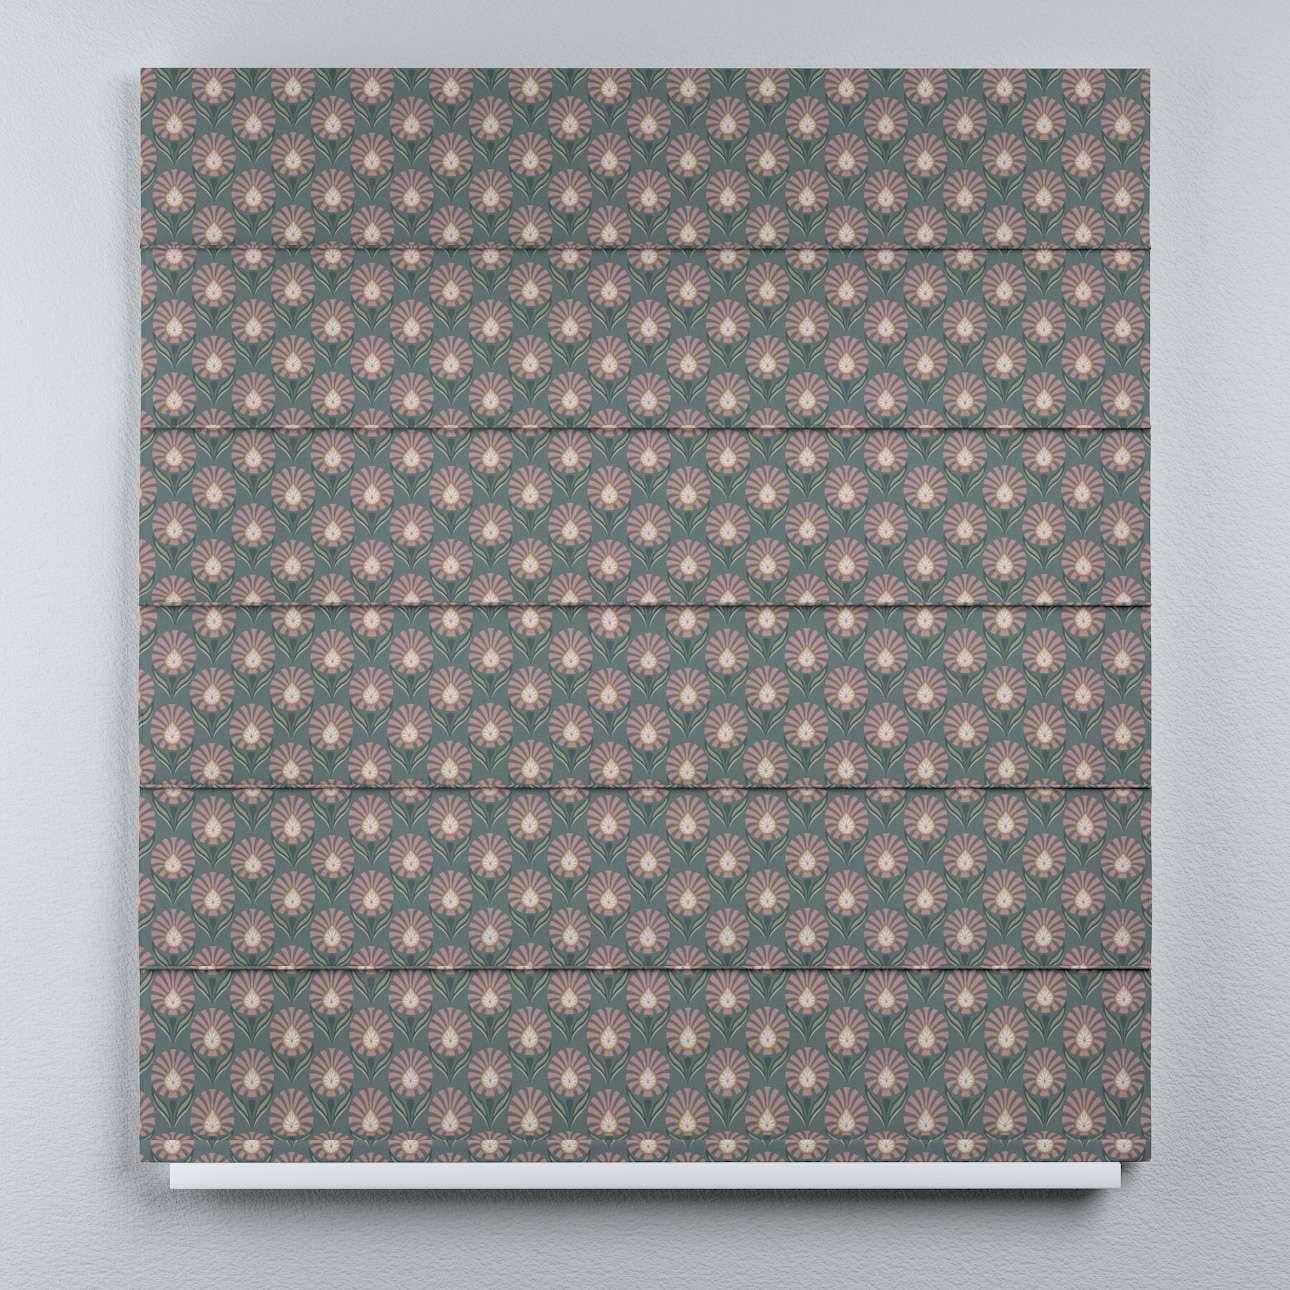 Vouwgordijn Duo van de collectie Gardenia, Stof: 142-17